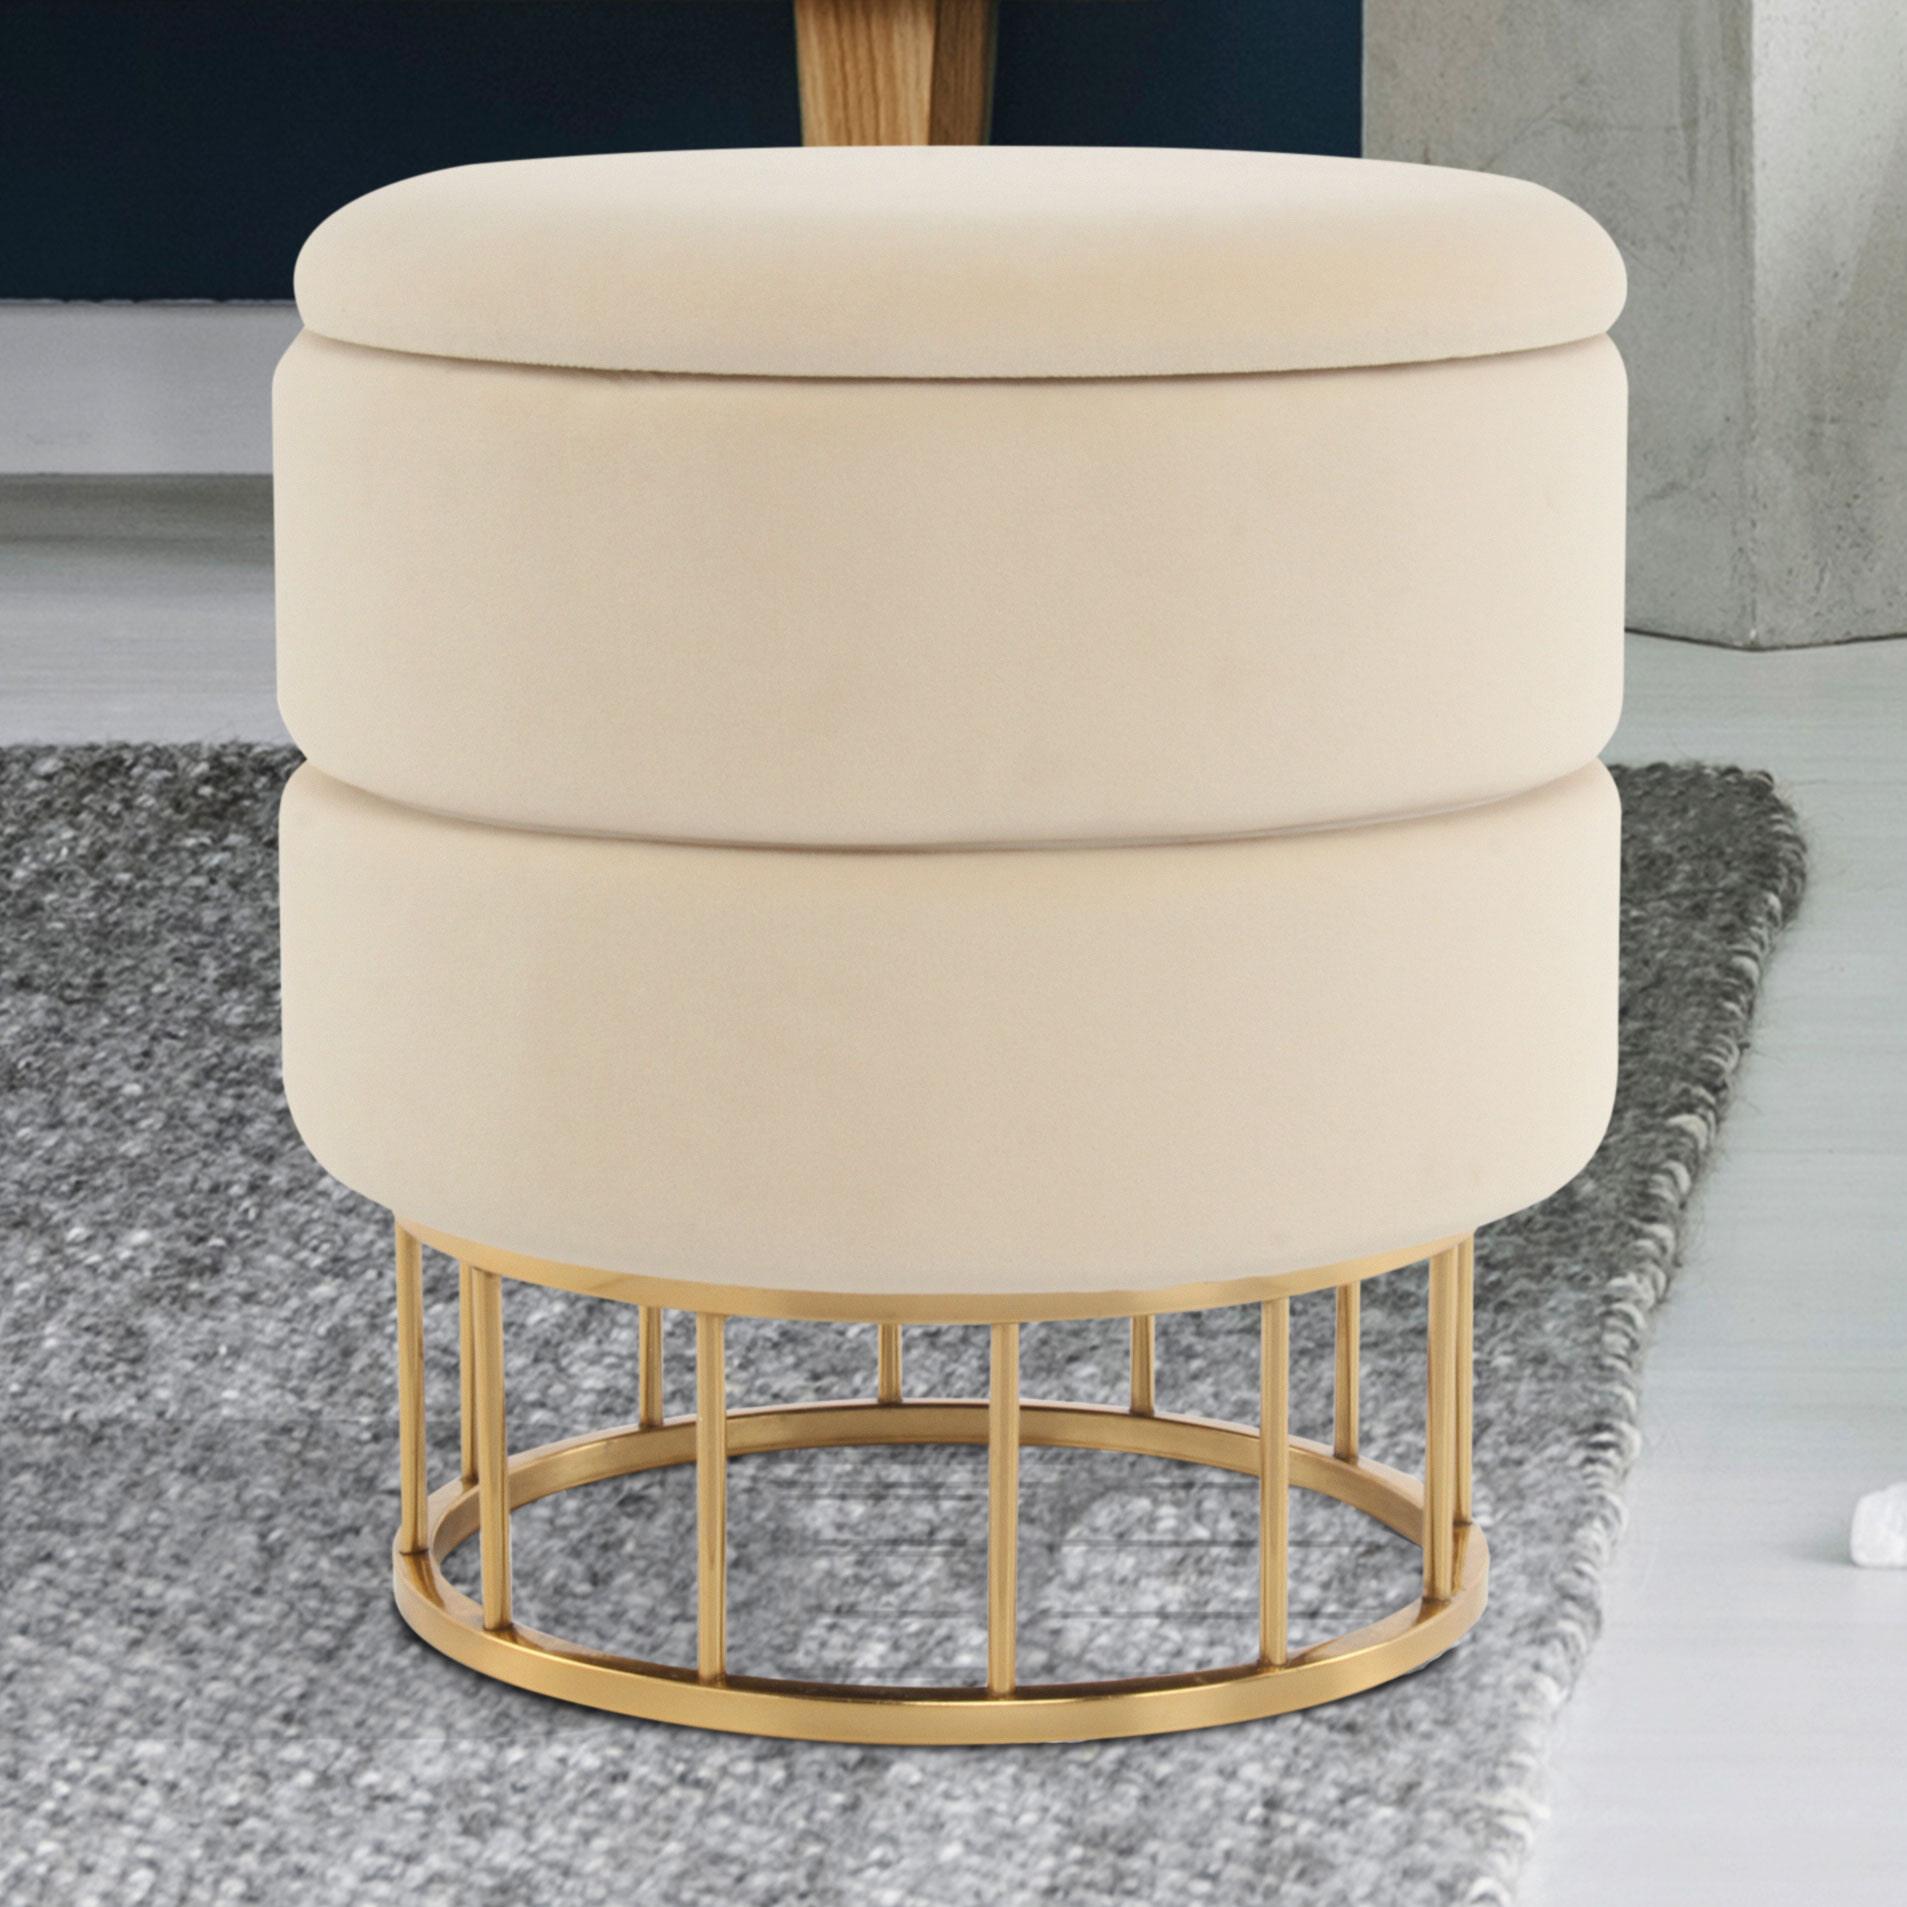 Kayoom Krukje 'Nul' met opbergruimte, kleur beige